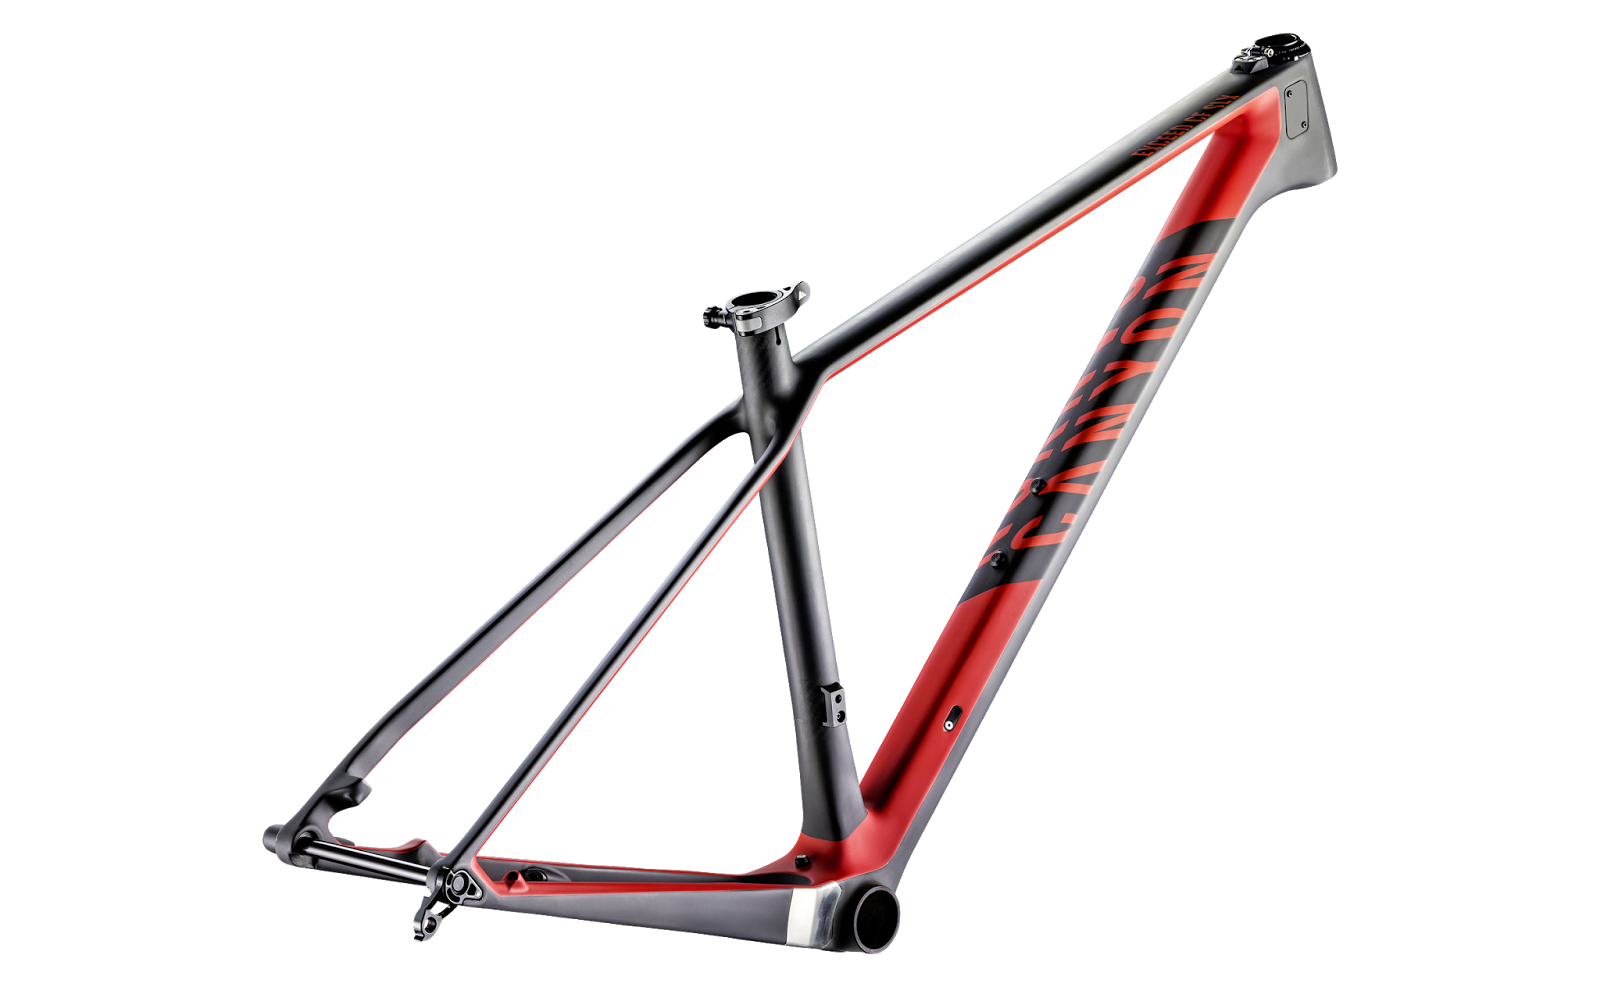 Stalker\'s dream bikes: XC/Trail - 29er - Carbon Frame - Canyon ...